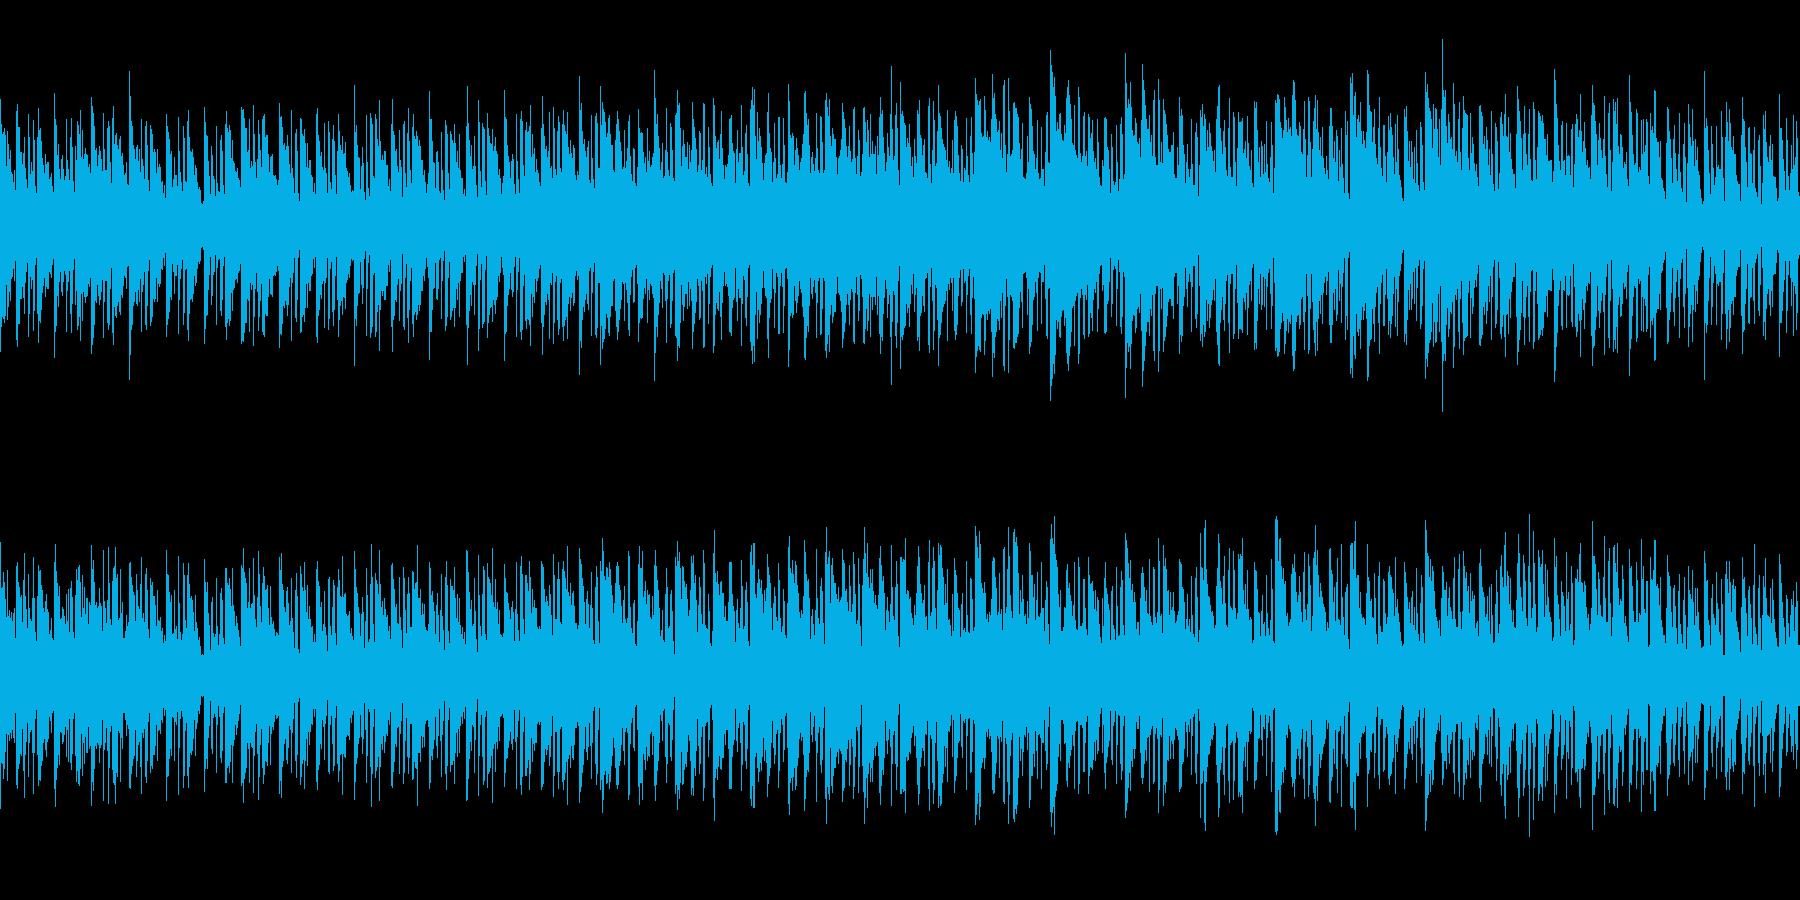 サスペンス感のあるオーガニックなループの再生済みの波形